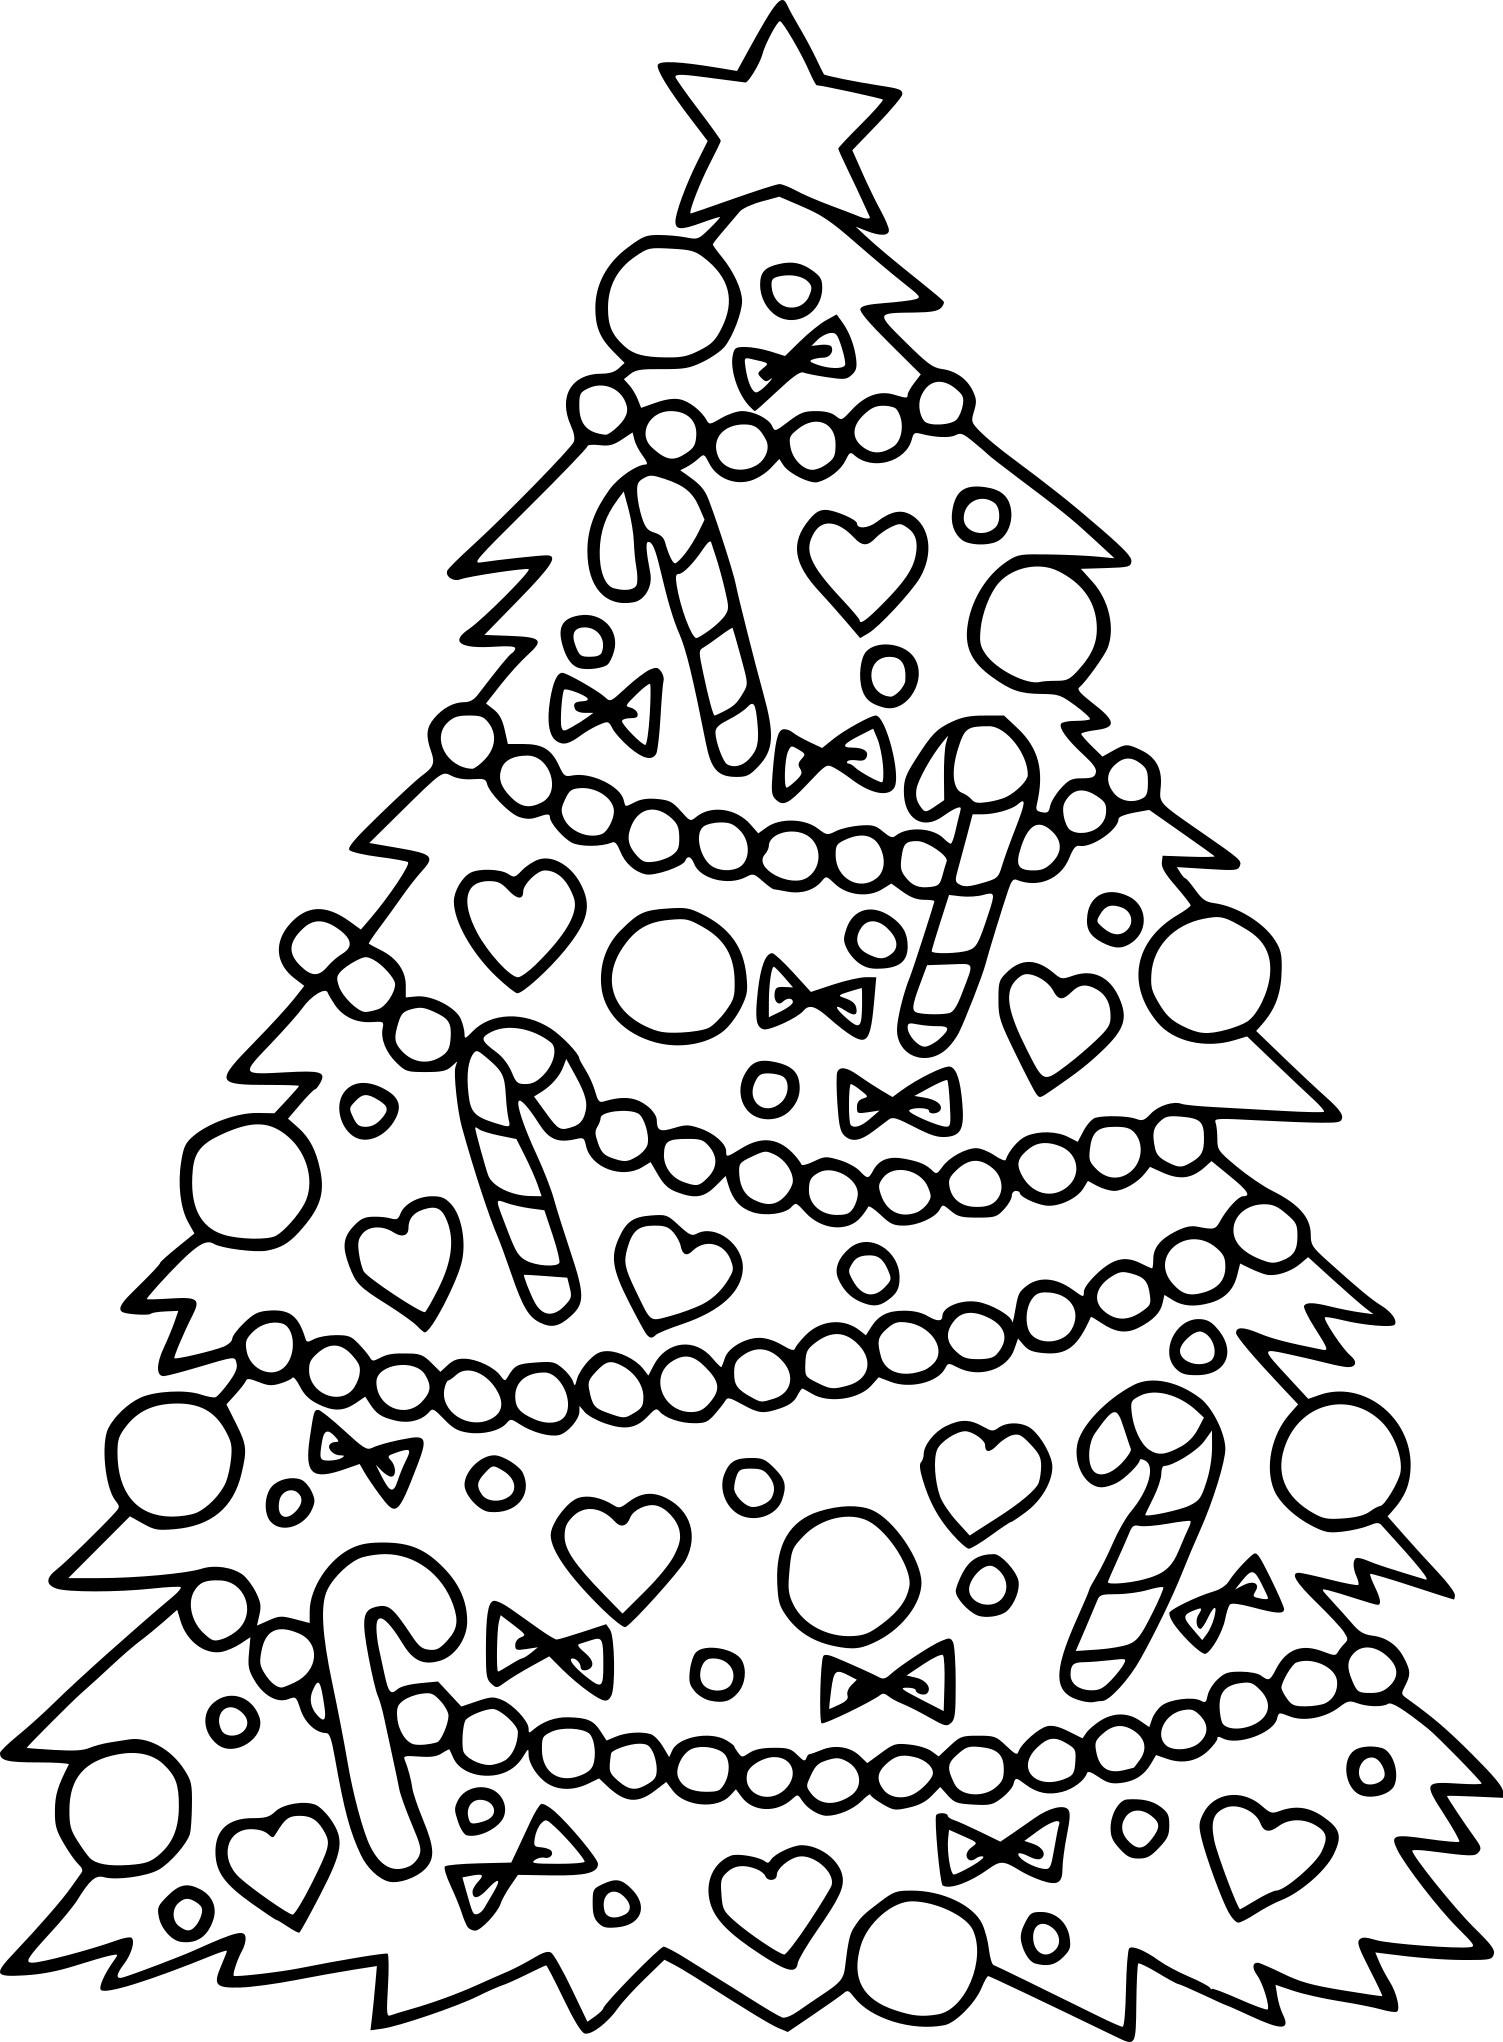 Coloriage Sapin De Noël Décoré À Imprimer Sur Coloriages dedans Coloriage De Sapin De Noel A Imprimer Gratuit